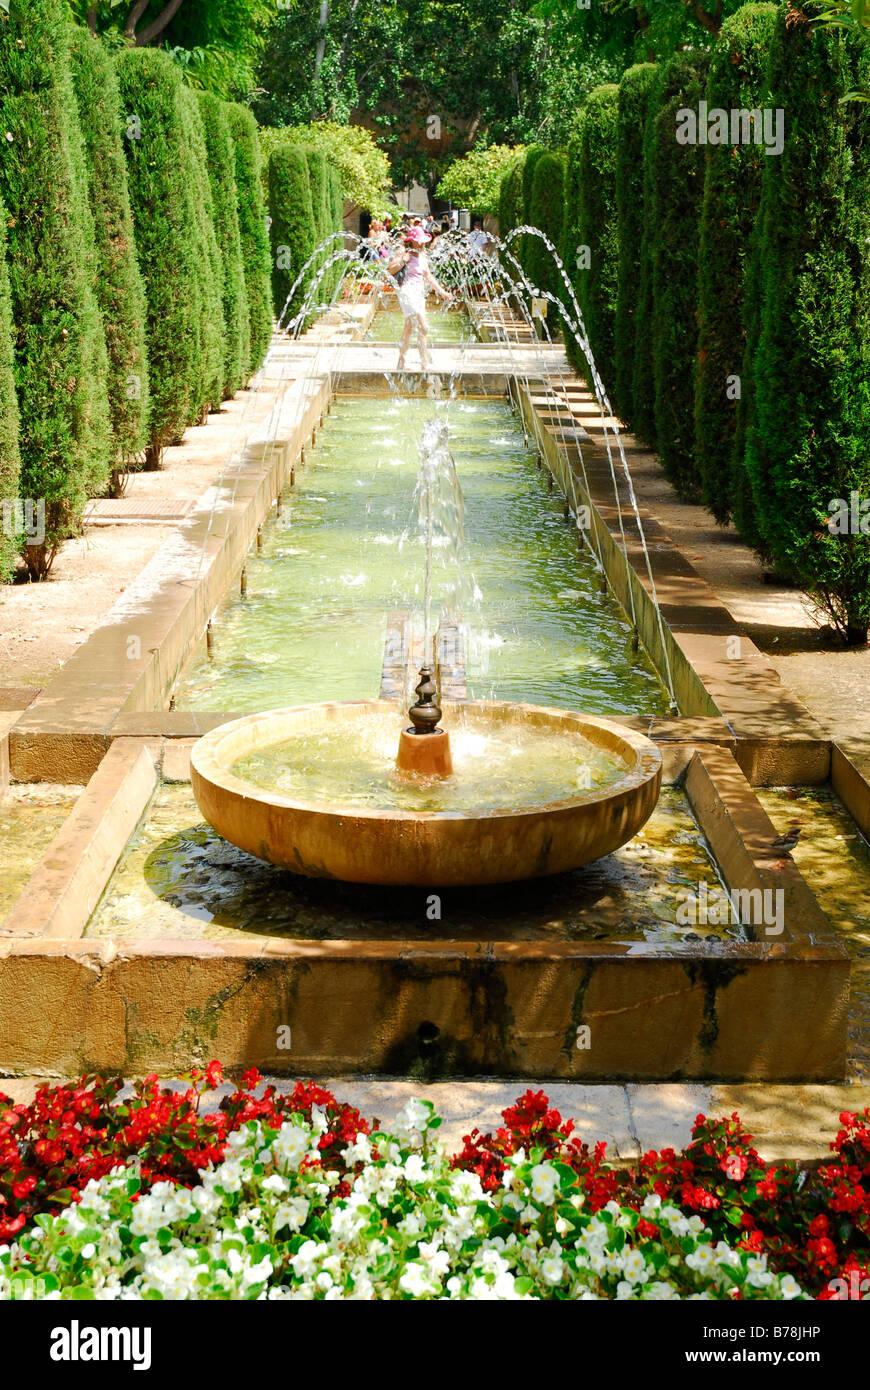 Brunnen Im Garten Photos & Brunnen Im Garten Images - Alamy